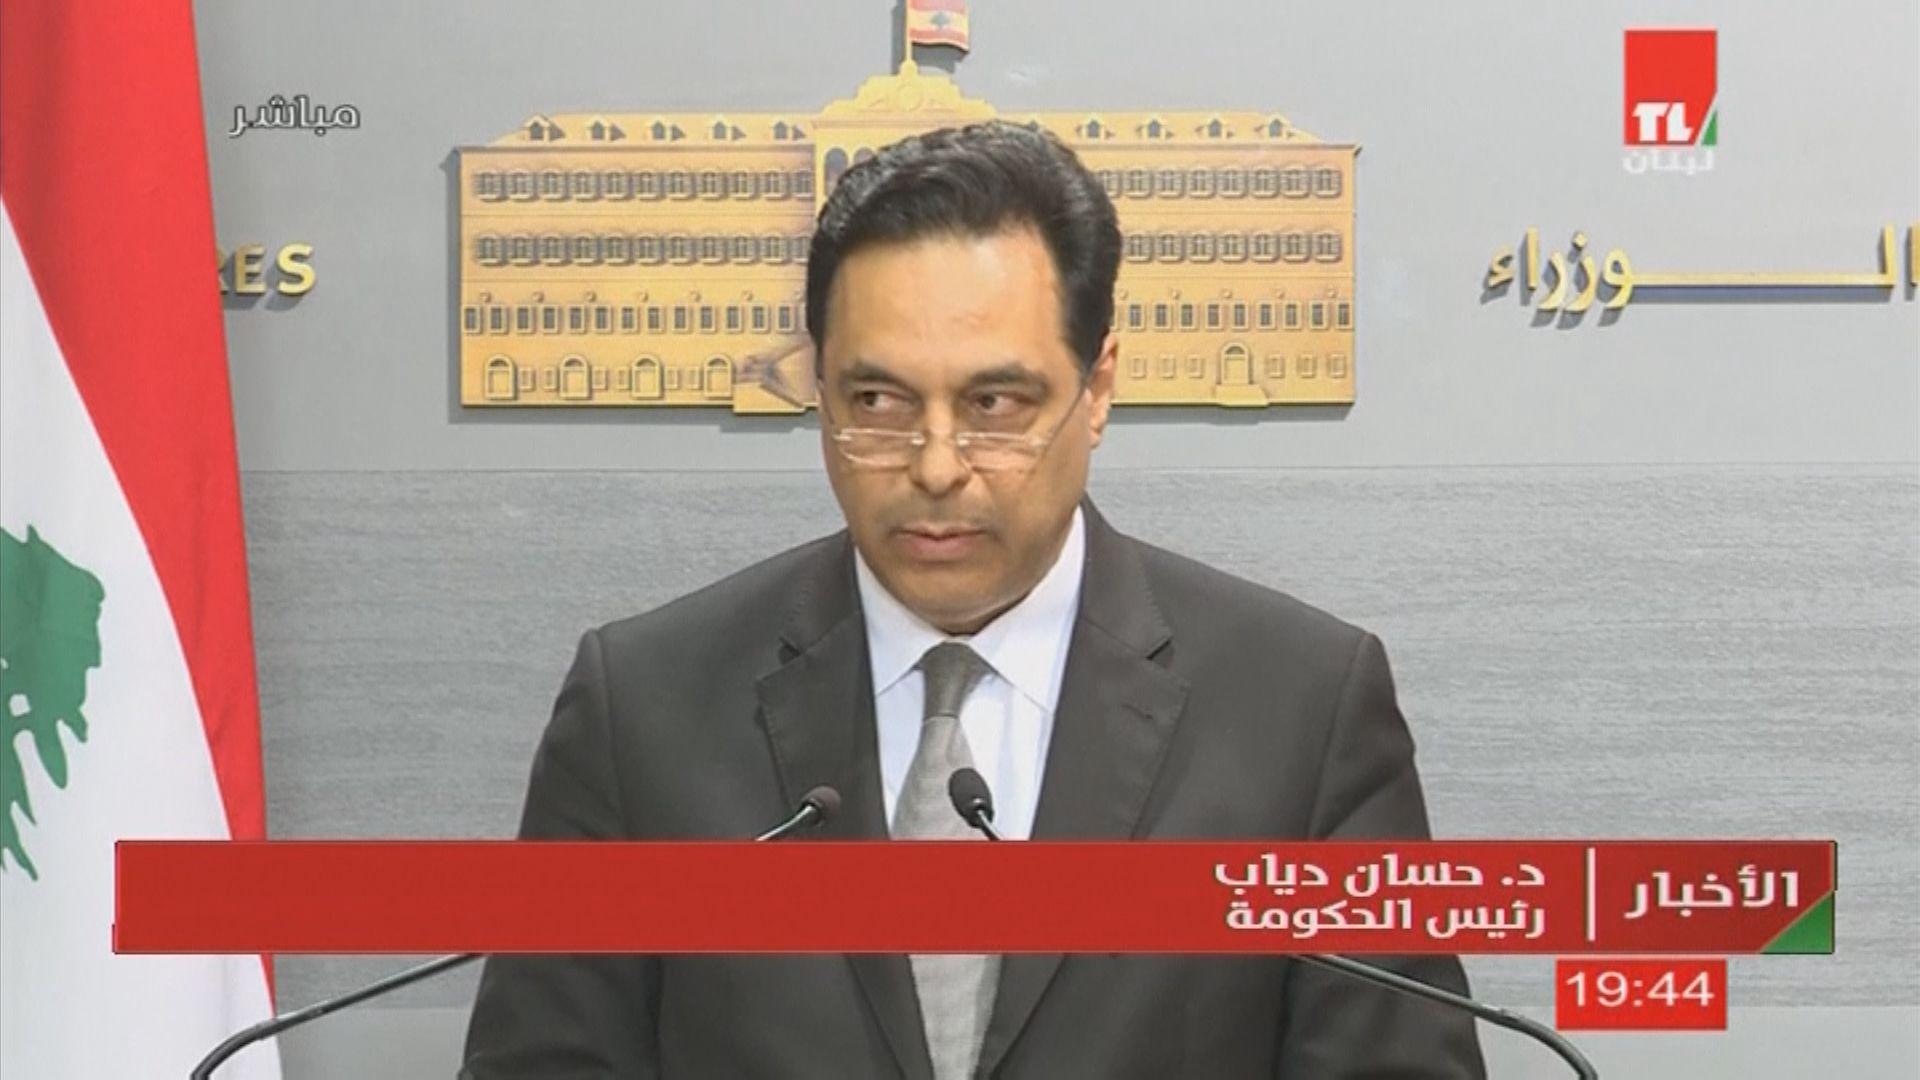 黎巴嫩總理呼籲提前舉行國會選舉